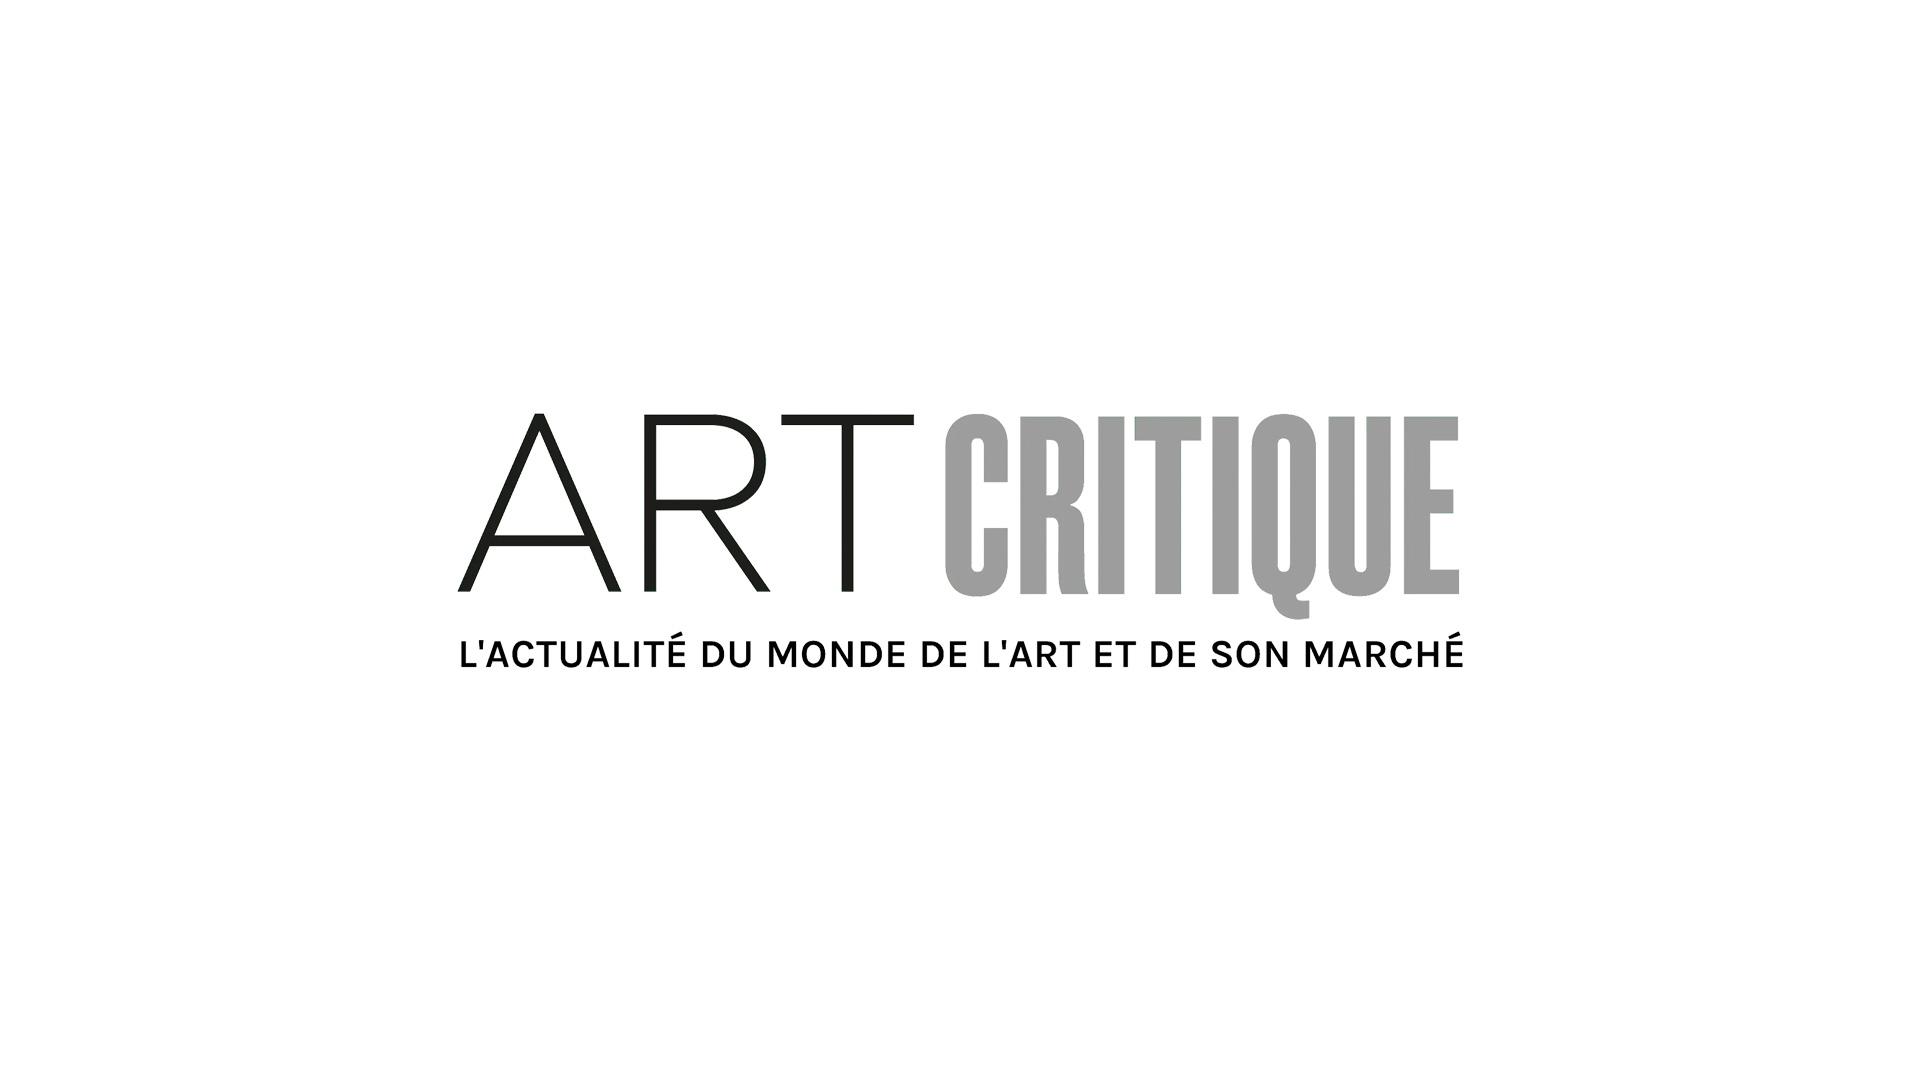 Le Grand opéra : le Spectacle de l'histoire, à la Bibliothèque-Musée de l'Opéra Garnier